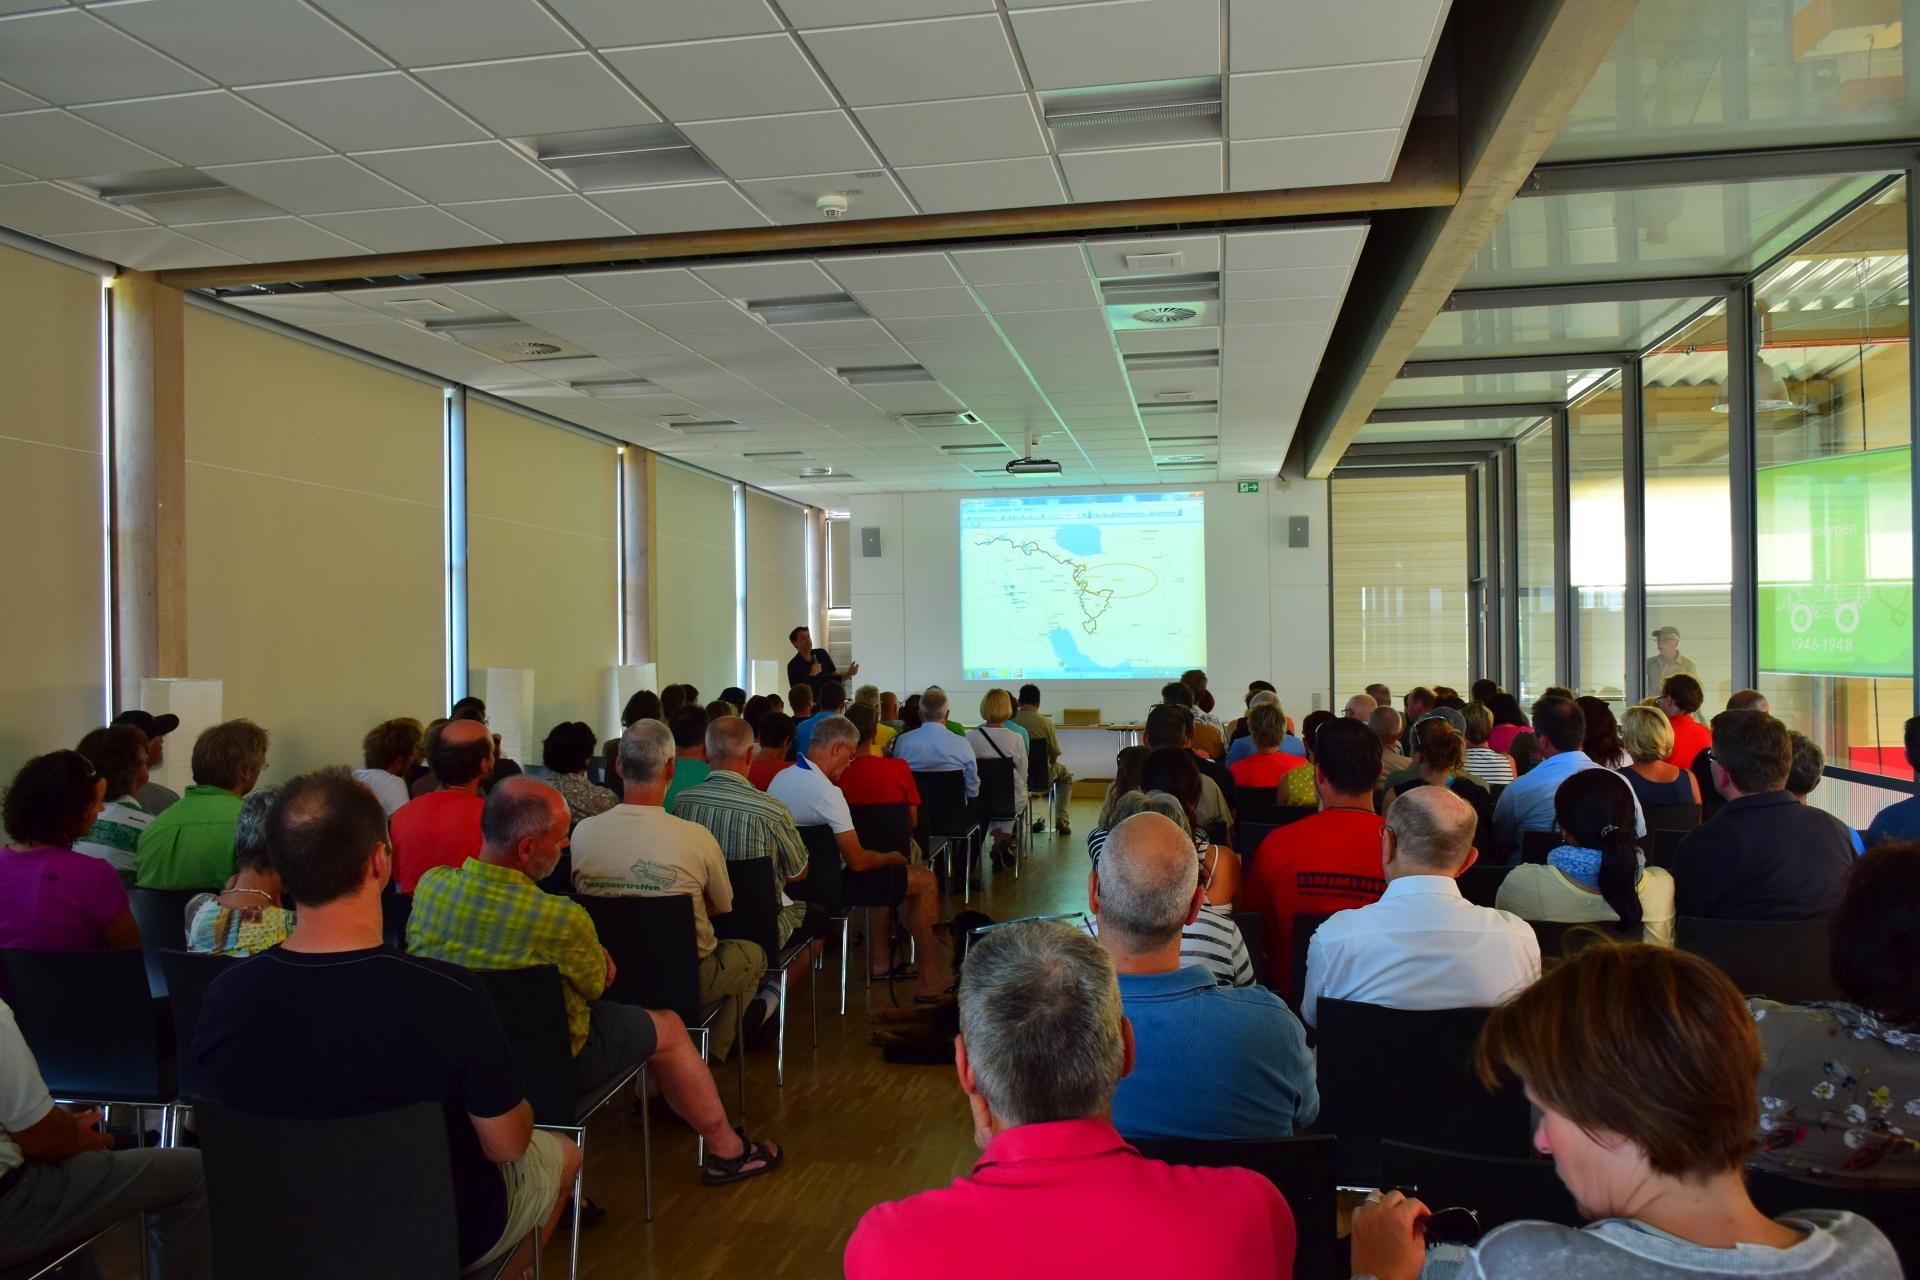 7. Weltenbummlertreffen in Gaggenau - Randvoll: zahlreiche Zuhörer im Vortragssaal bei den interessanten Vorträgen.